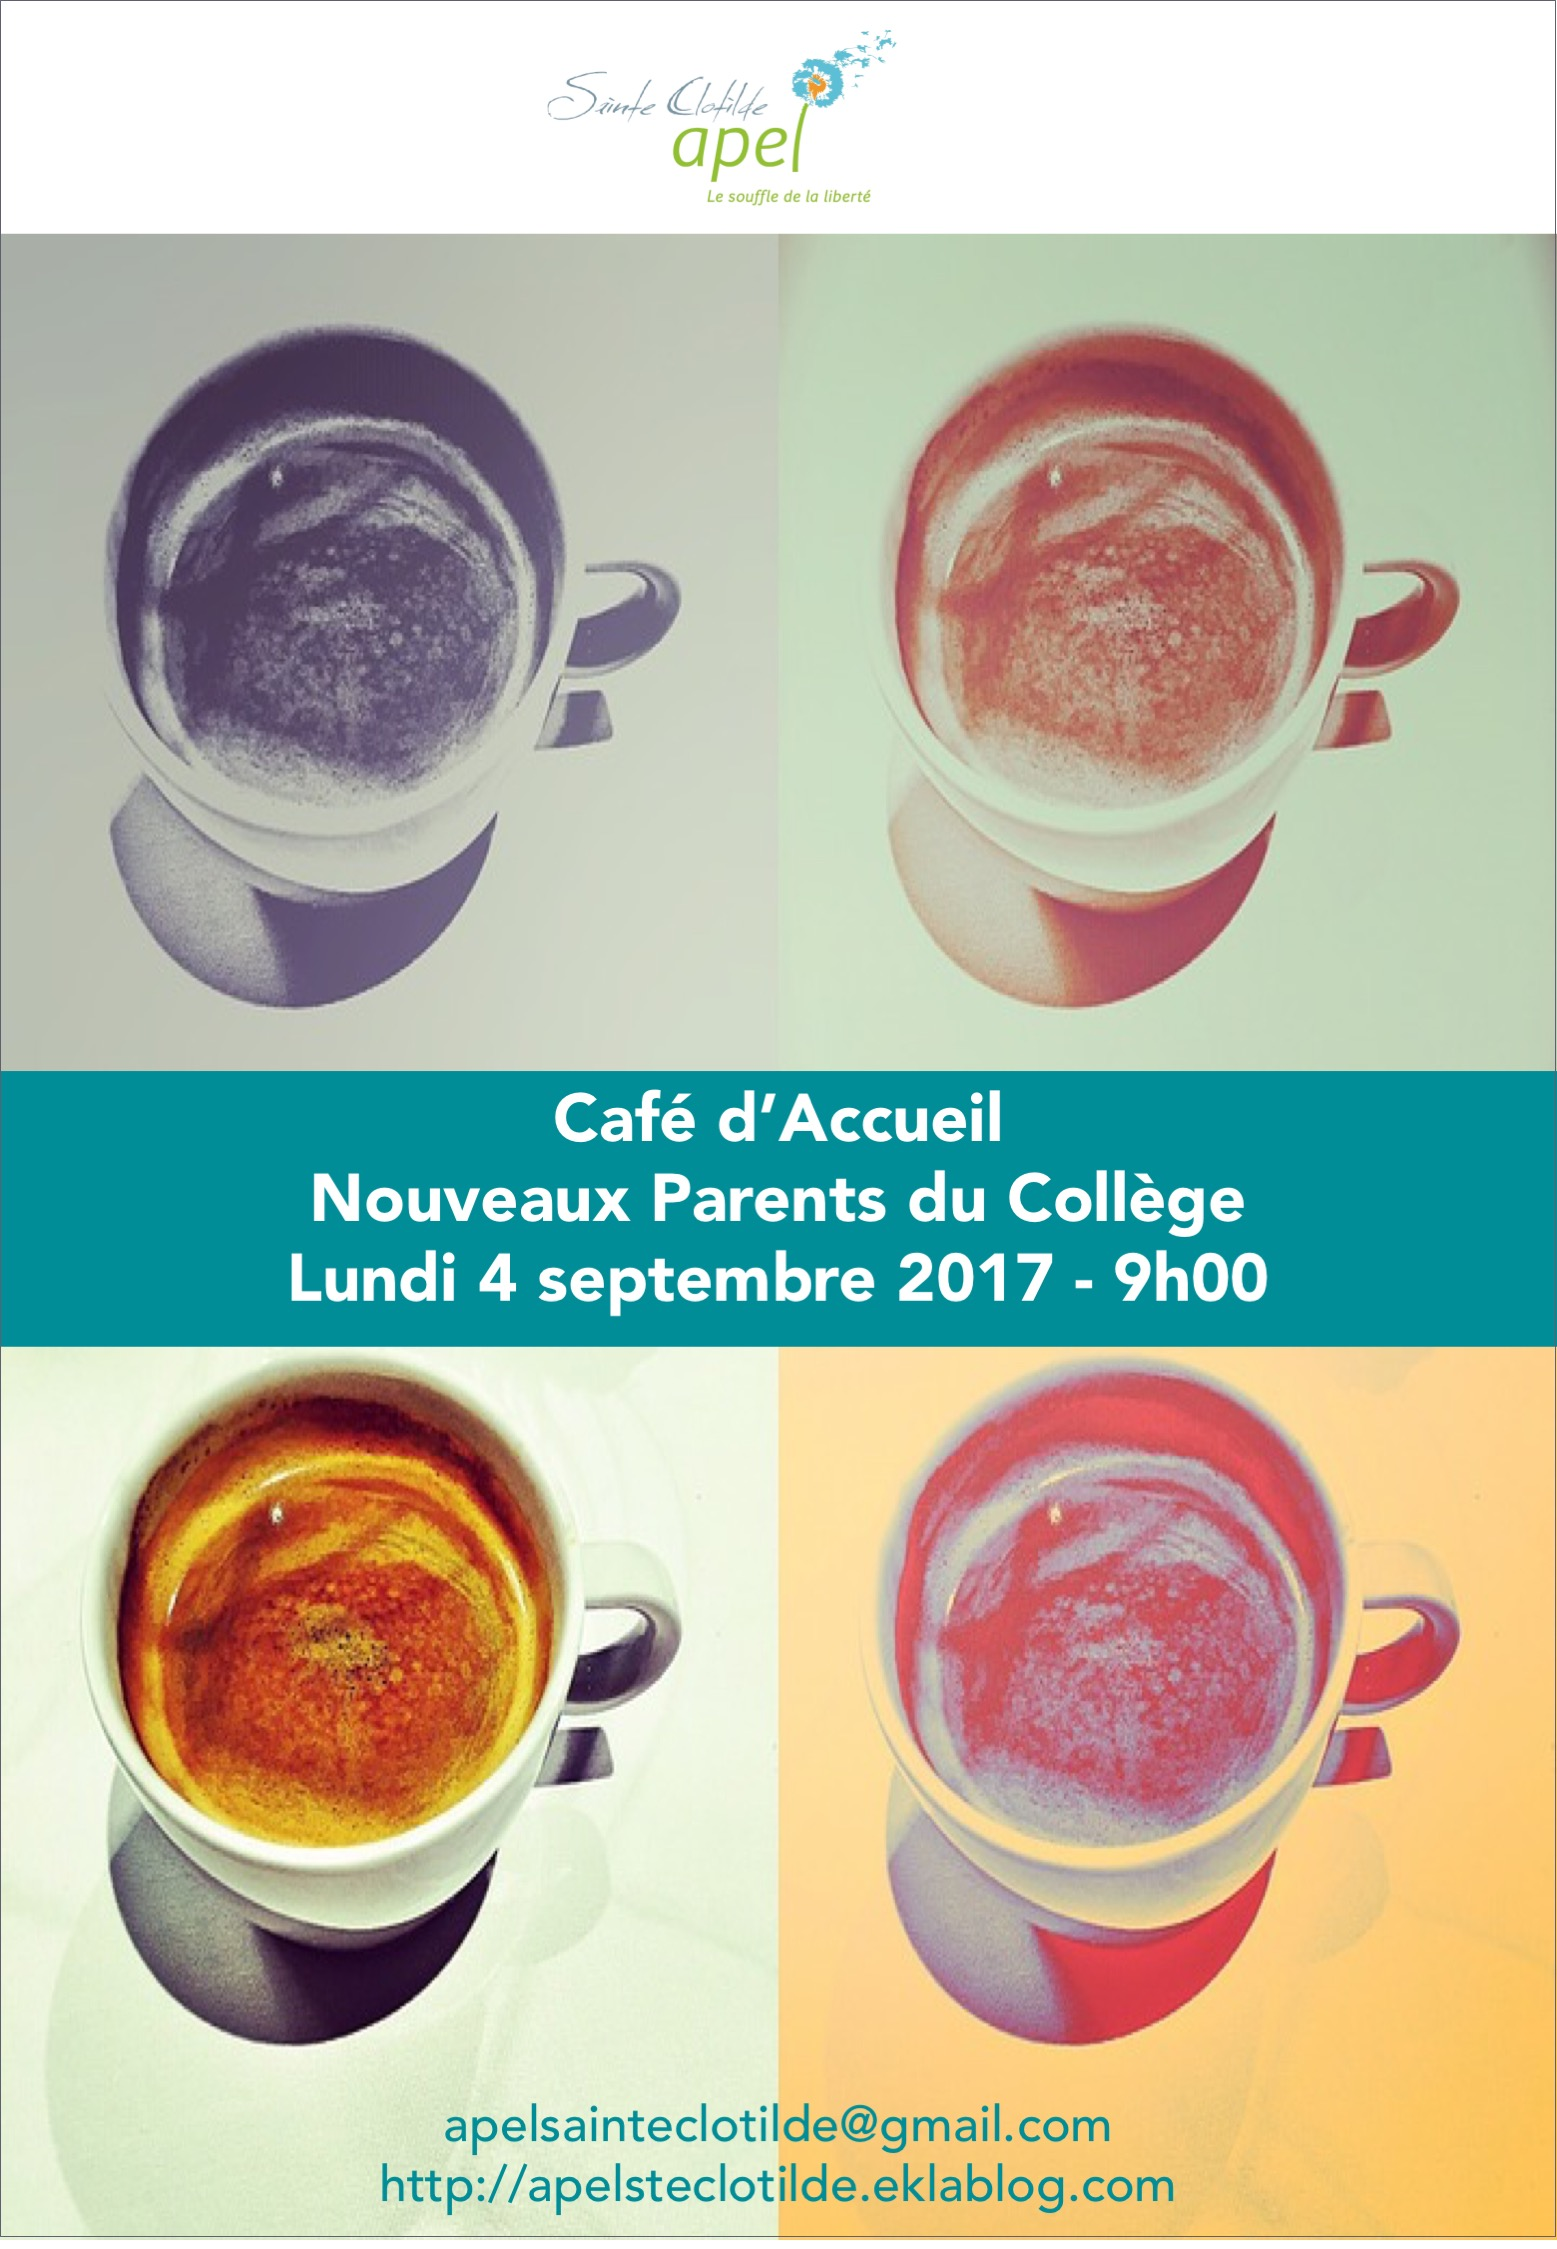 Café d'Accueil des nouveaux parents